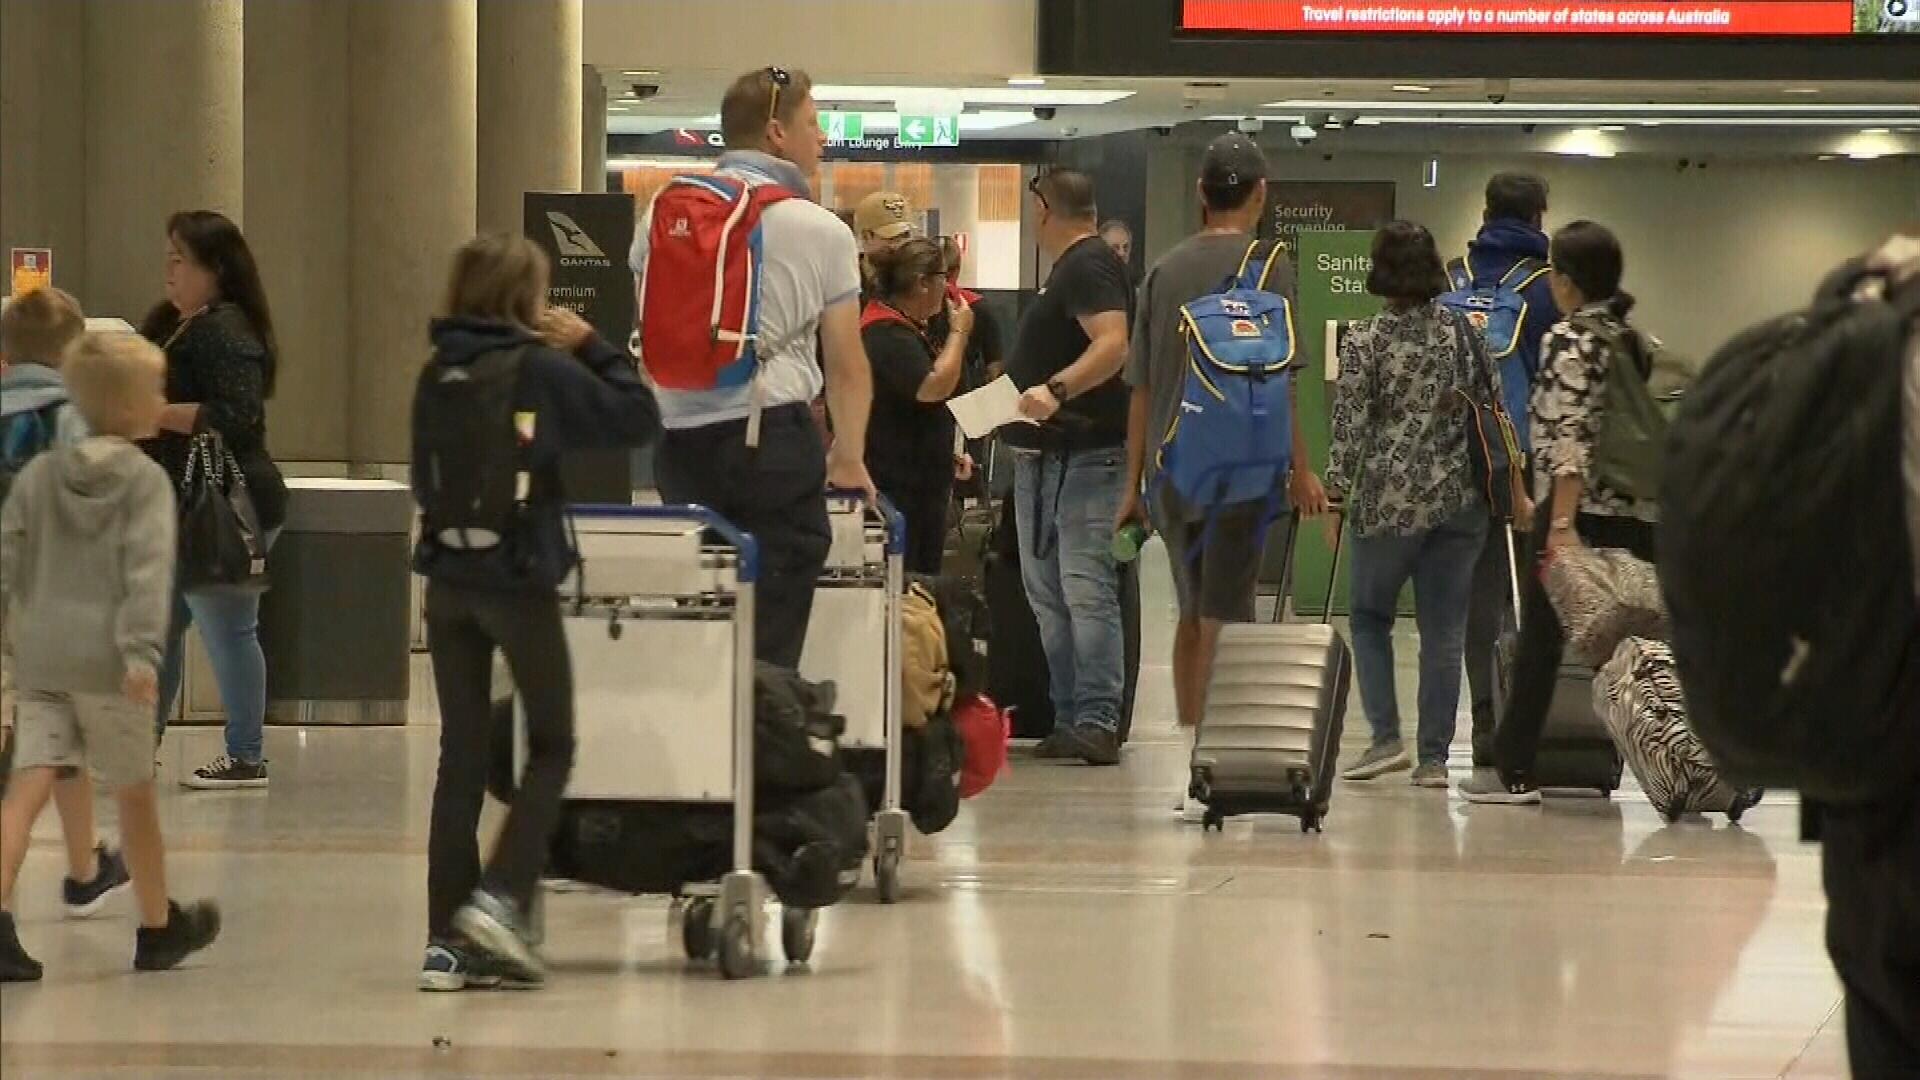 Brisbane Airport file